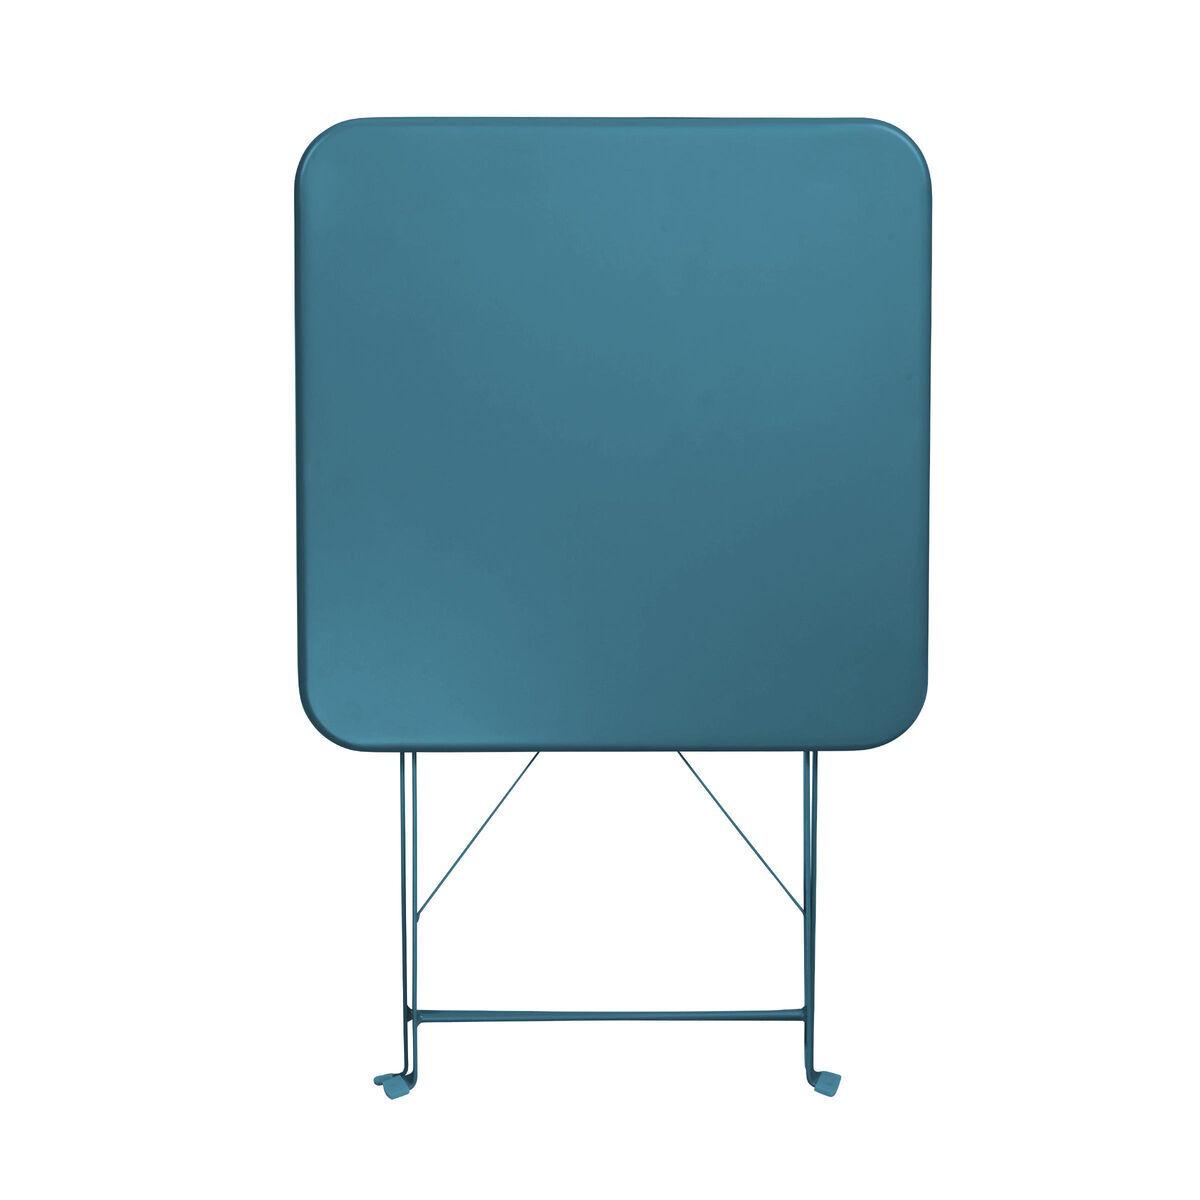 Bild 5 von Klapptisch hellblau